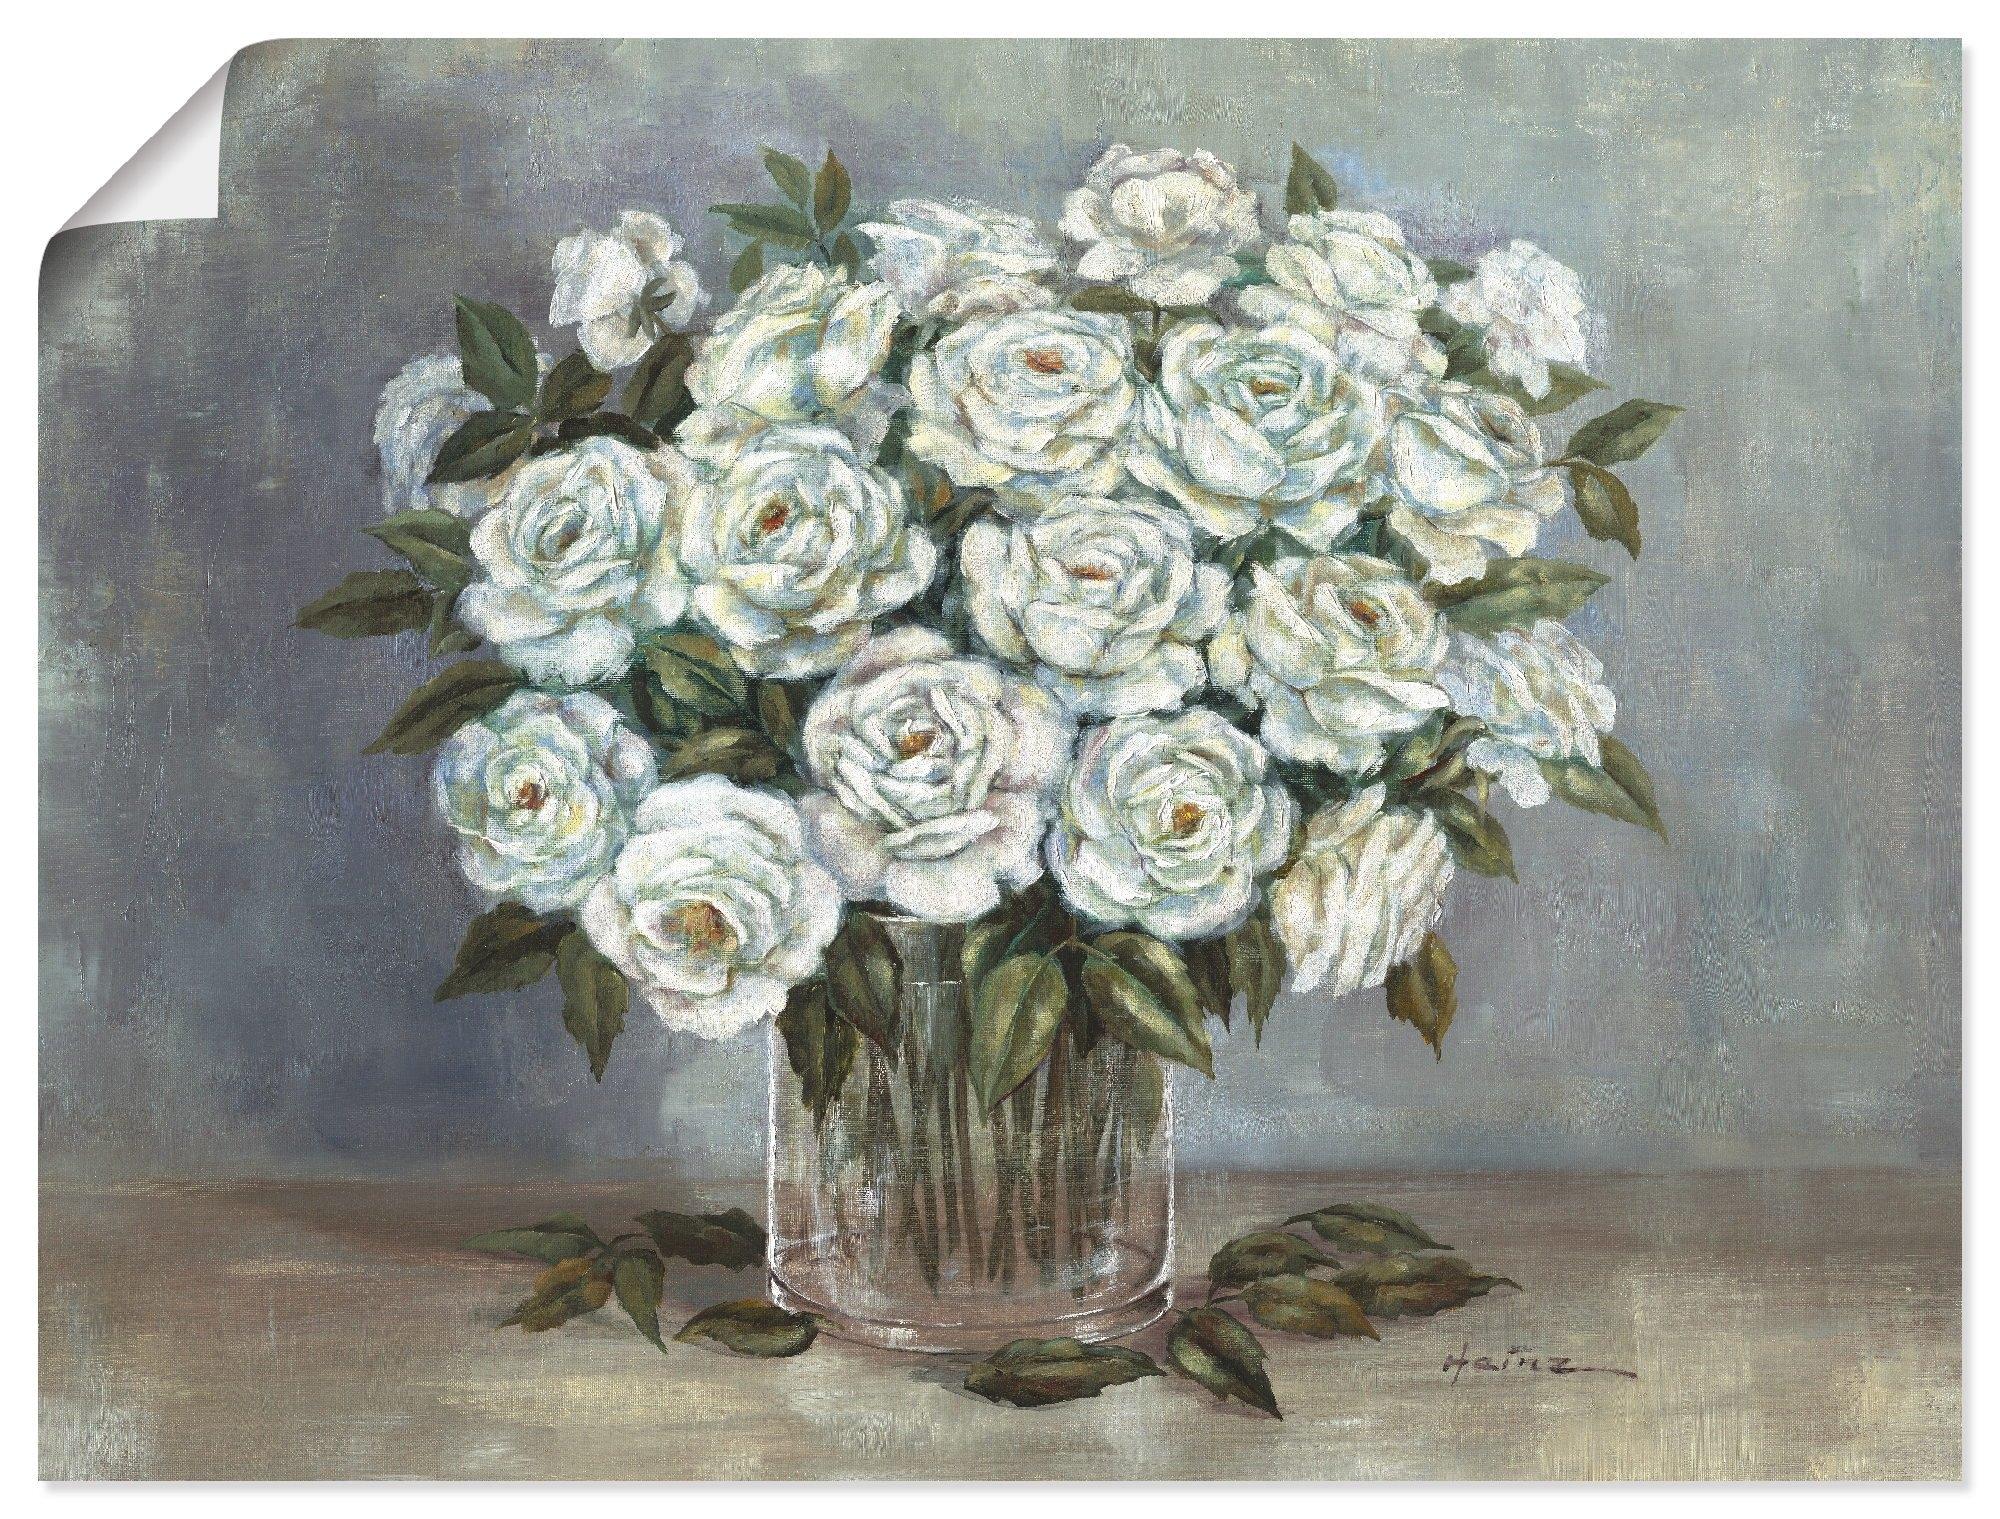 Artland Artprint Witte rozen in vele afmetingen & productsoorten - artprint van aluminium / artprint voor buiten, artprint op linnen, poster, muursticker / wandfolie ook geschikt voor de badkamer (1 stuk) nu online bestellen